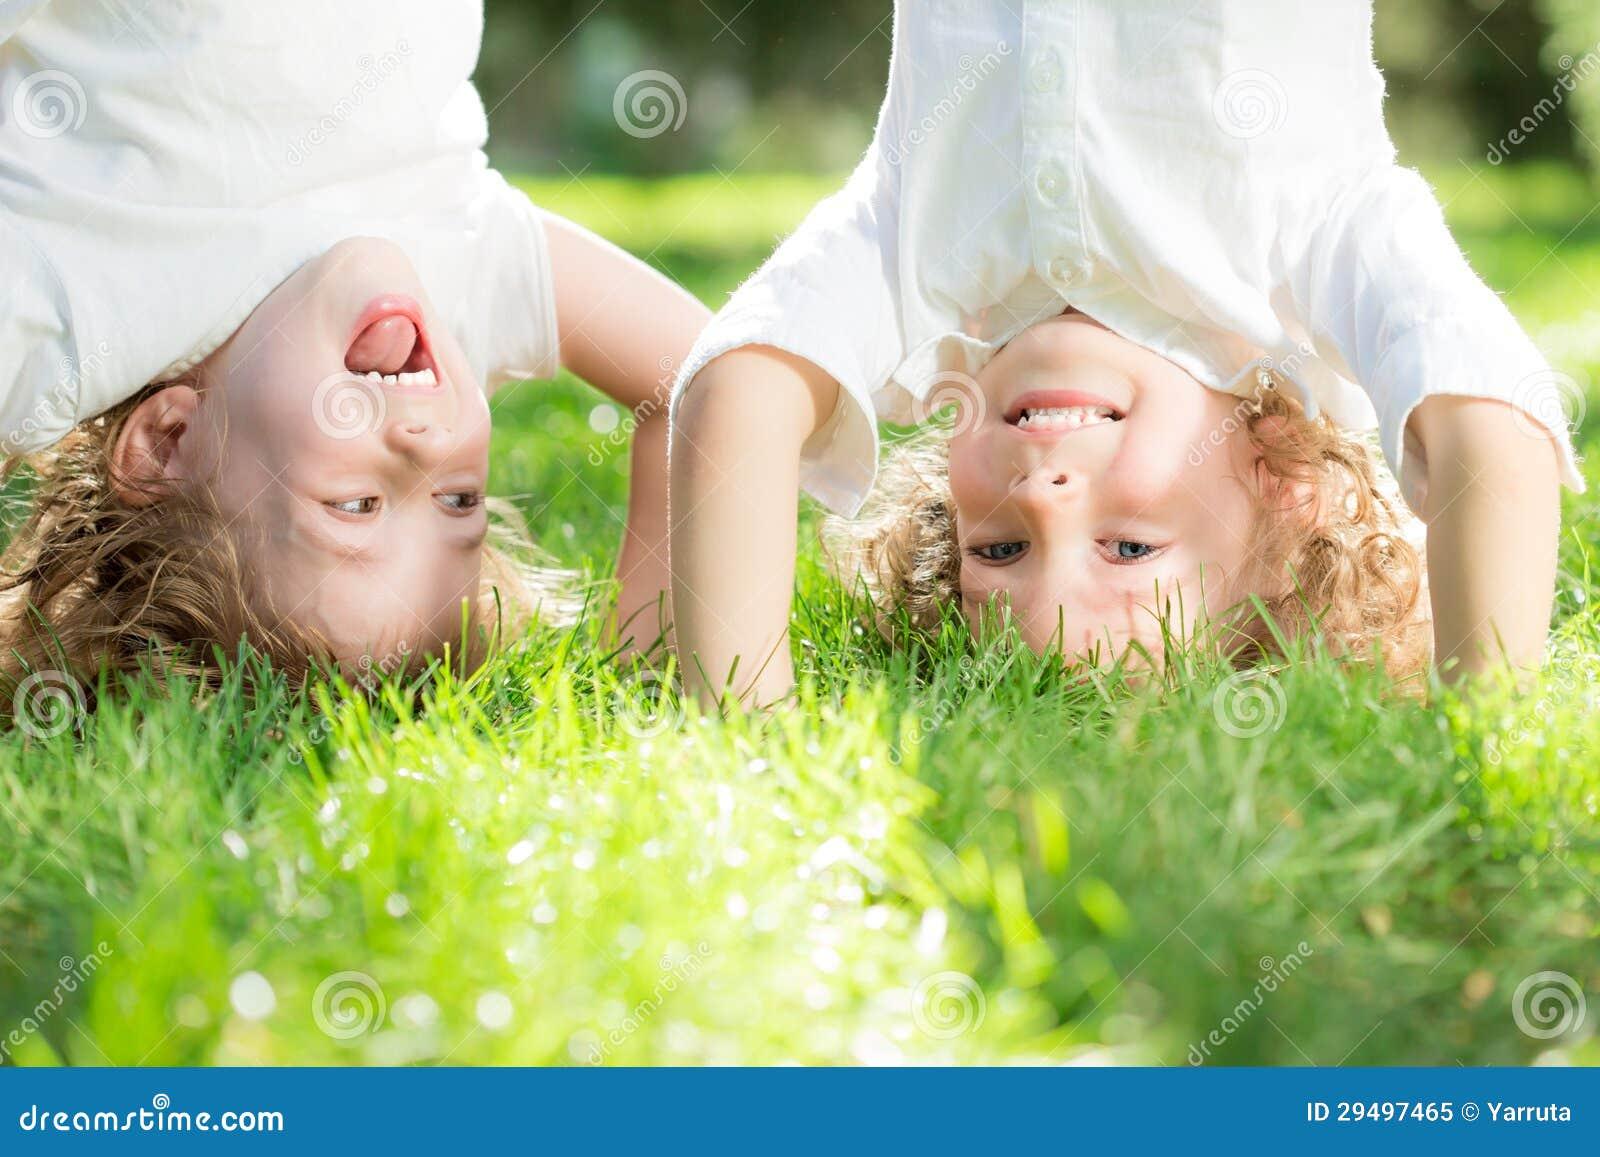 Criança que está upside-down